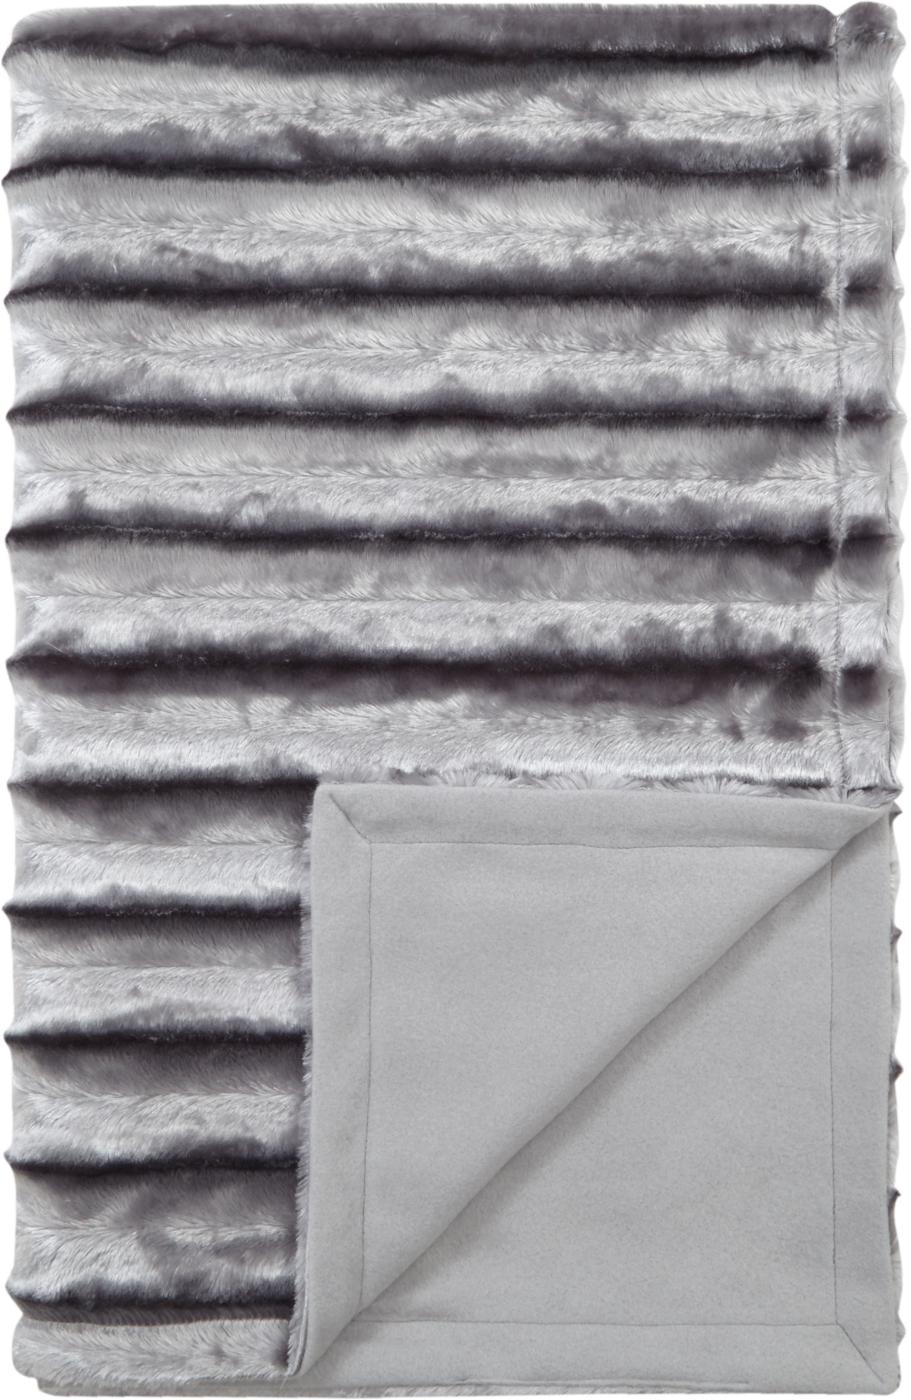 Grey Blankets & Throws Home & Garden